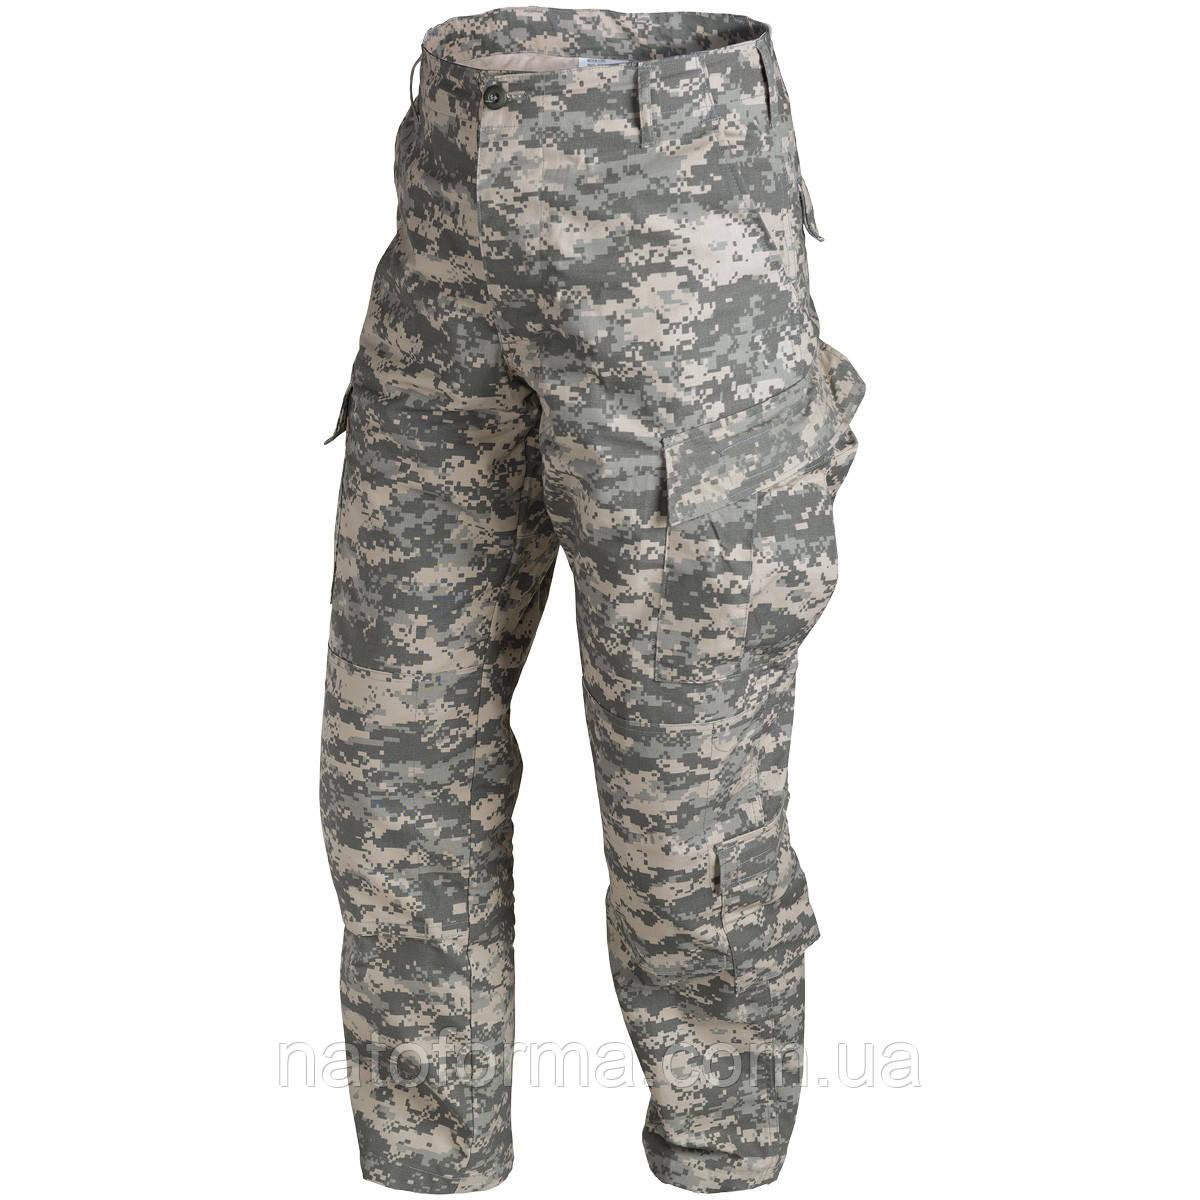 Штаны, брюки Propper ACU Combat Uniform, США, оригинал